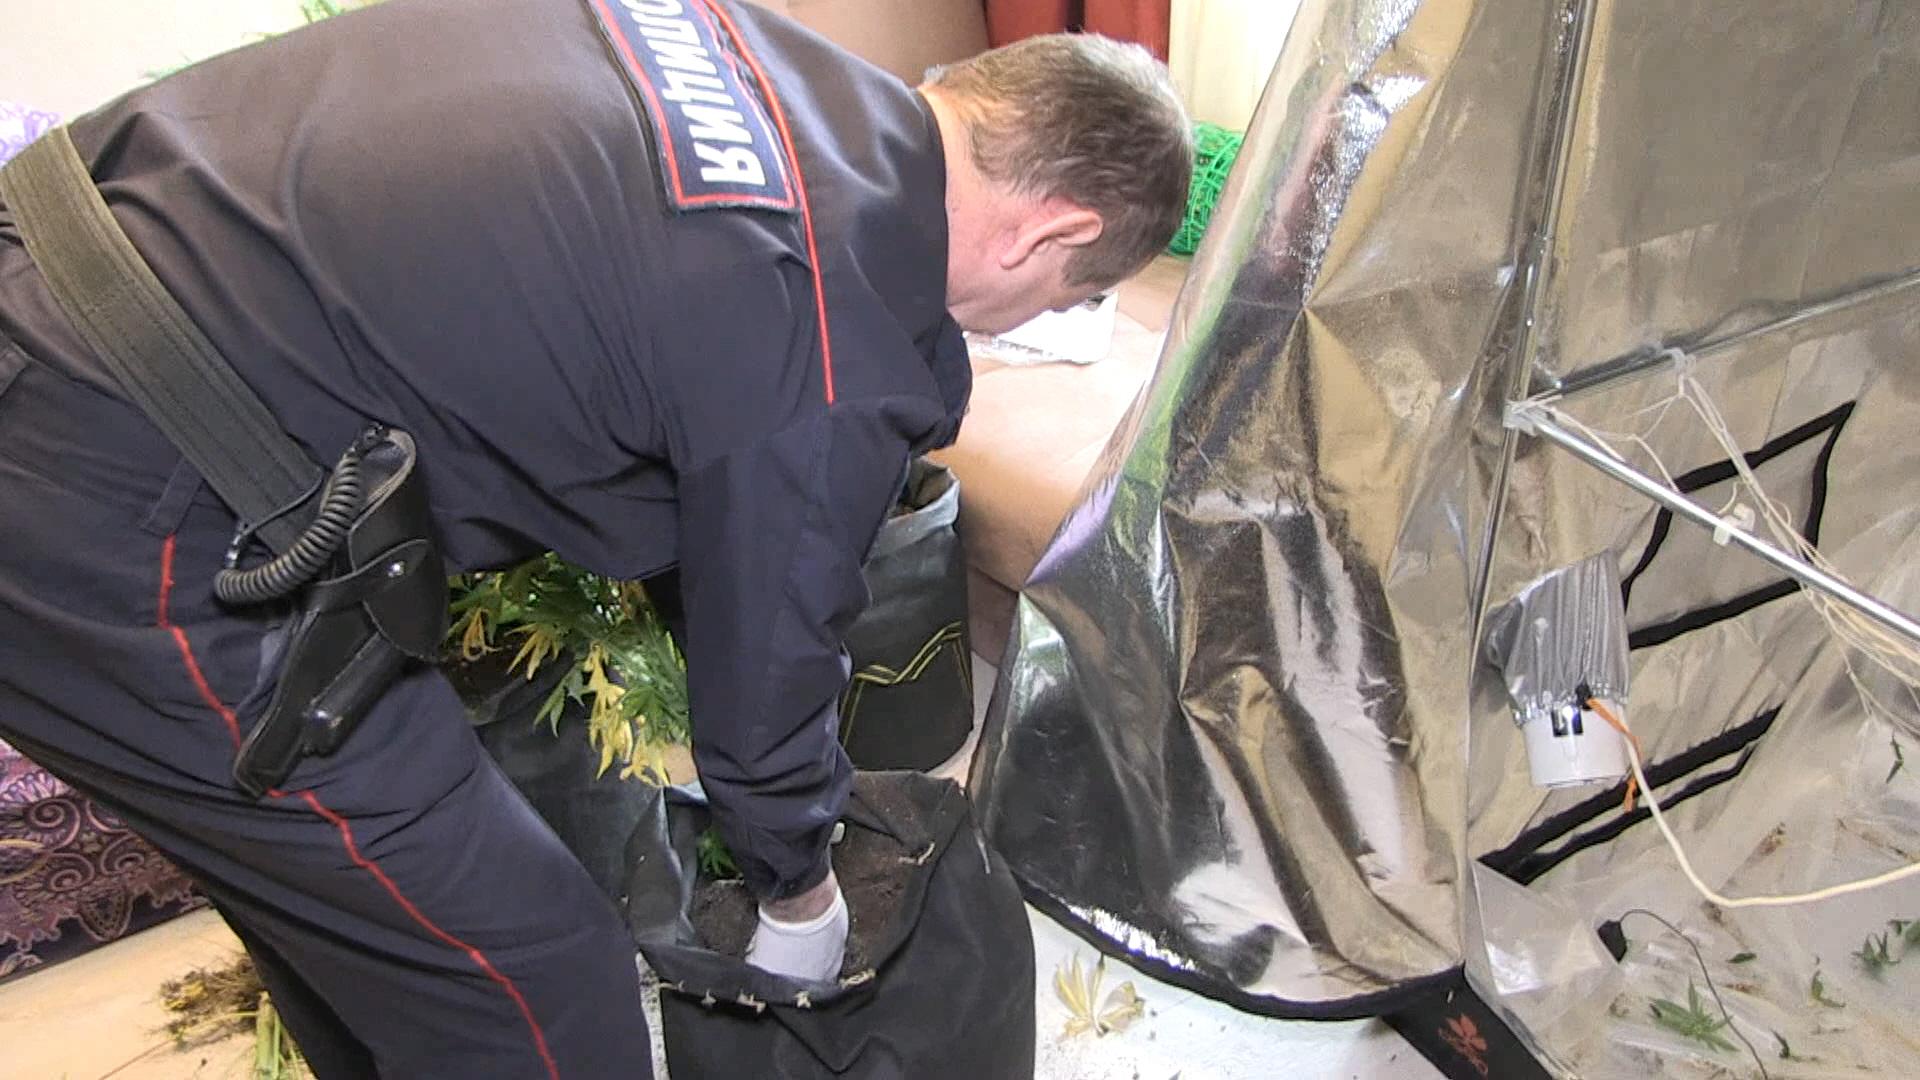 Задержан екатеринбуржец, устроивший наркоплантацию в своей квартире (ФОТО)